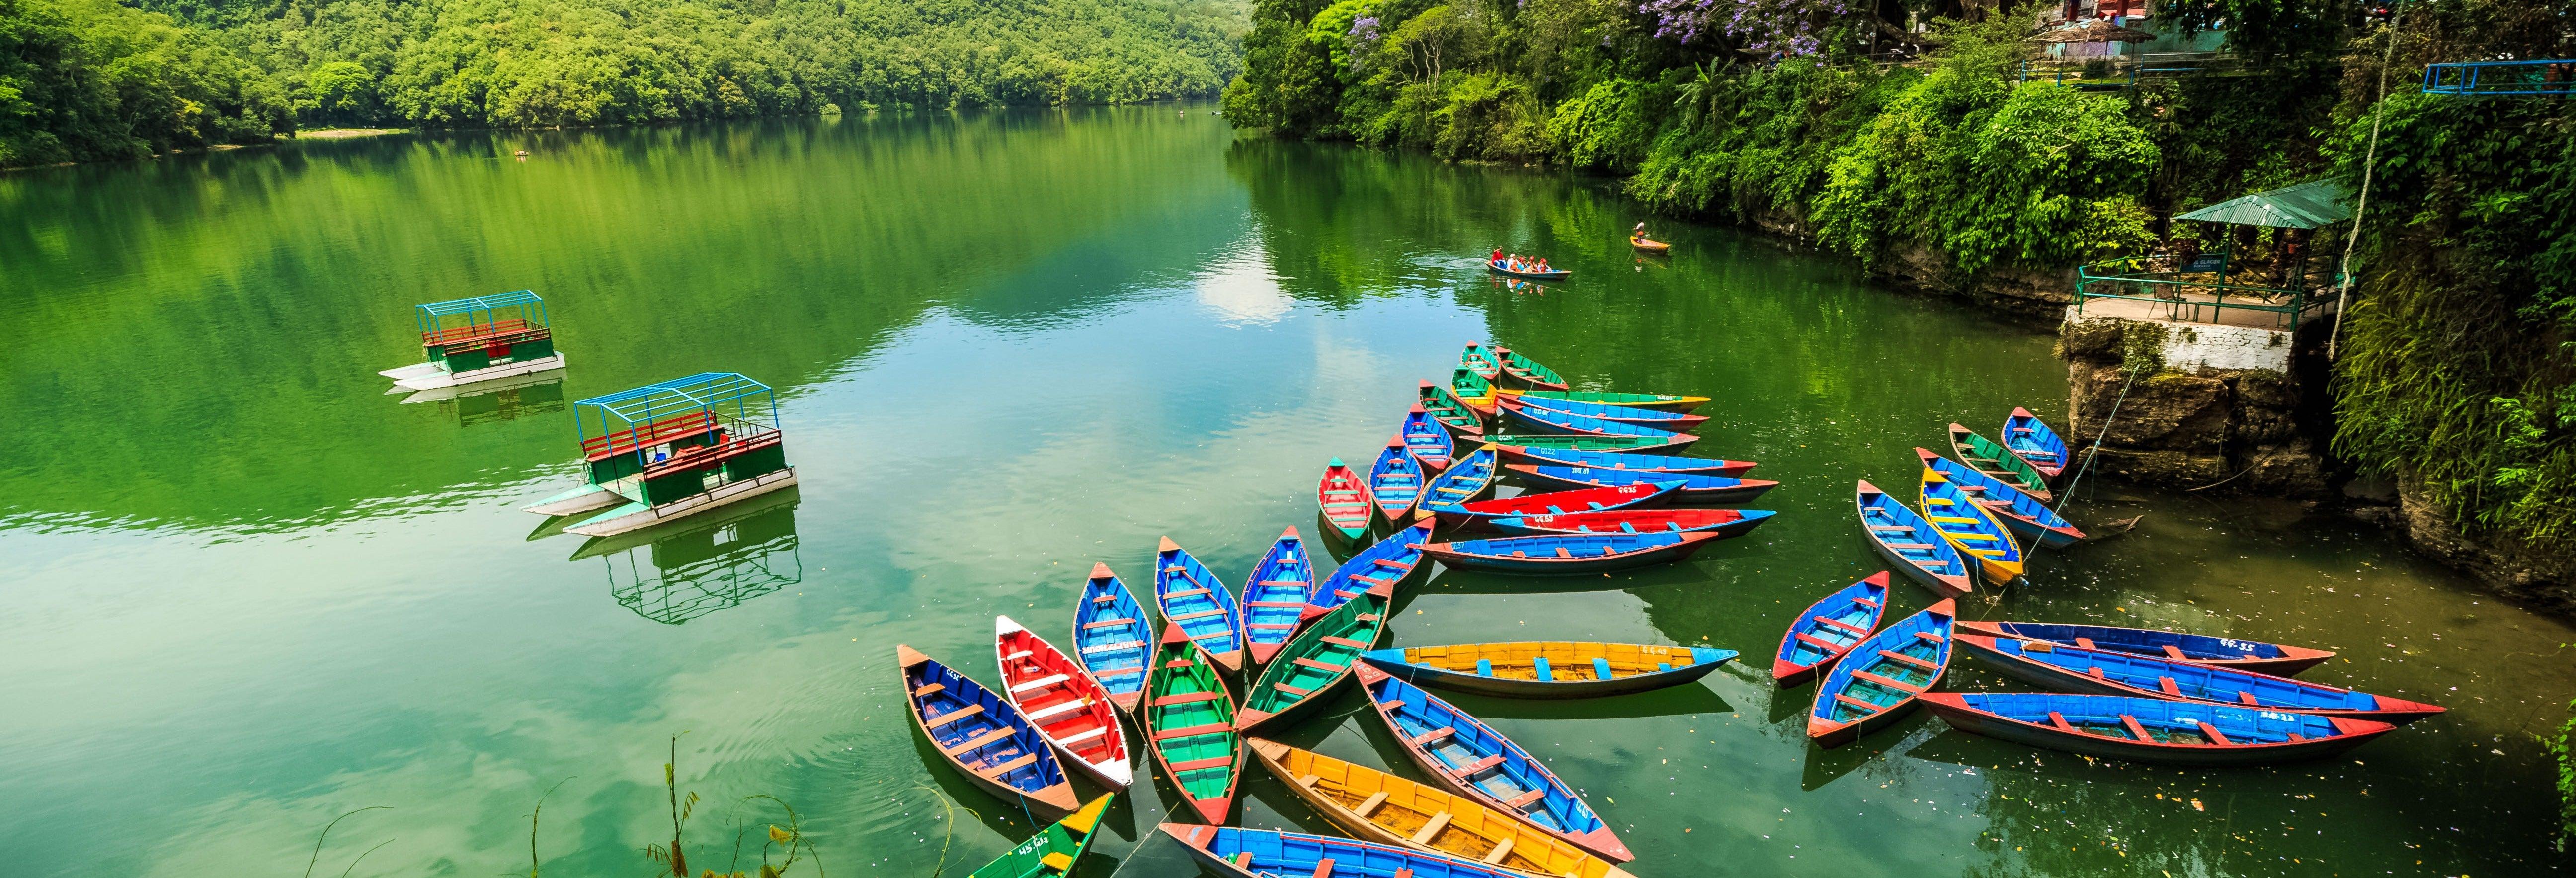 Balade en bateau sur le Lac Phewa + Visite de la Pagode de la Paix